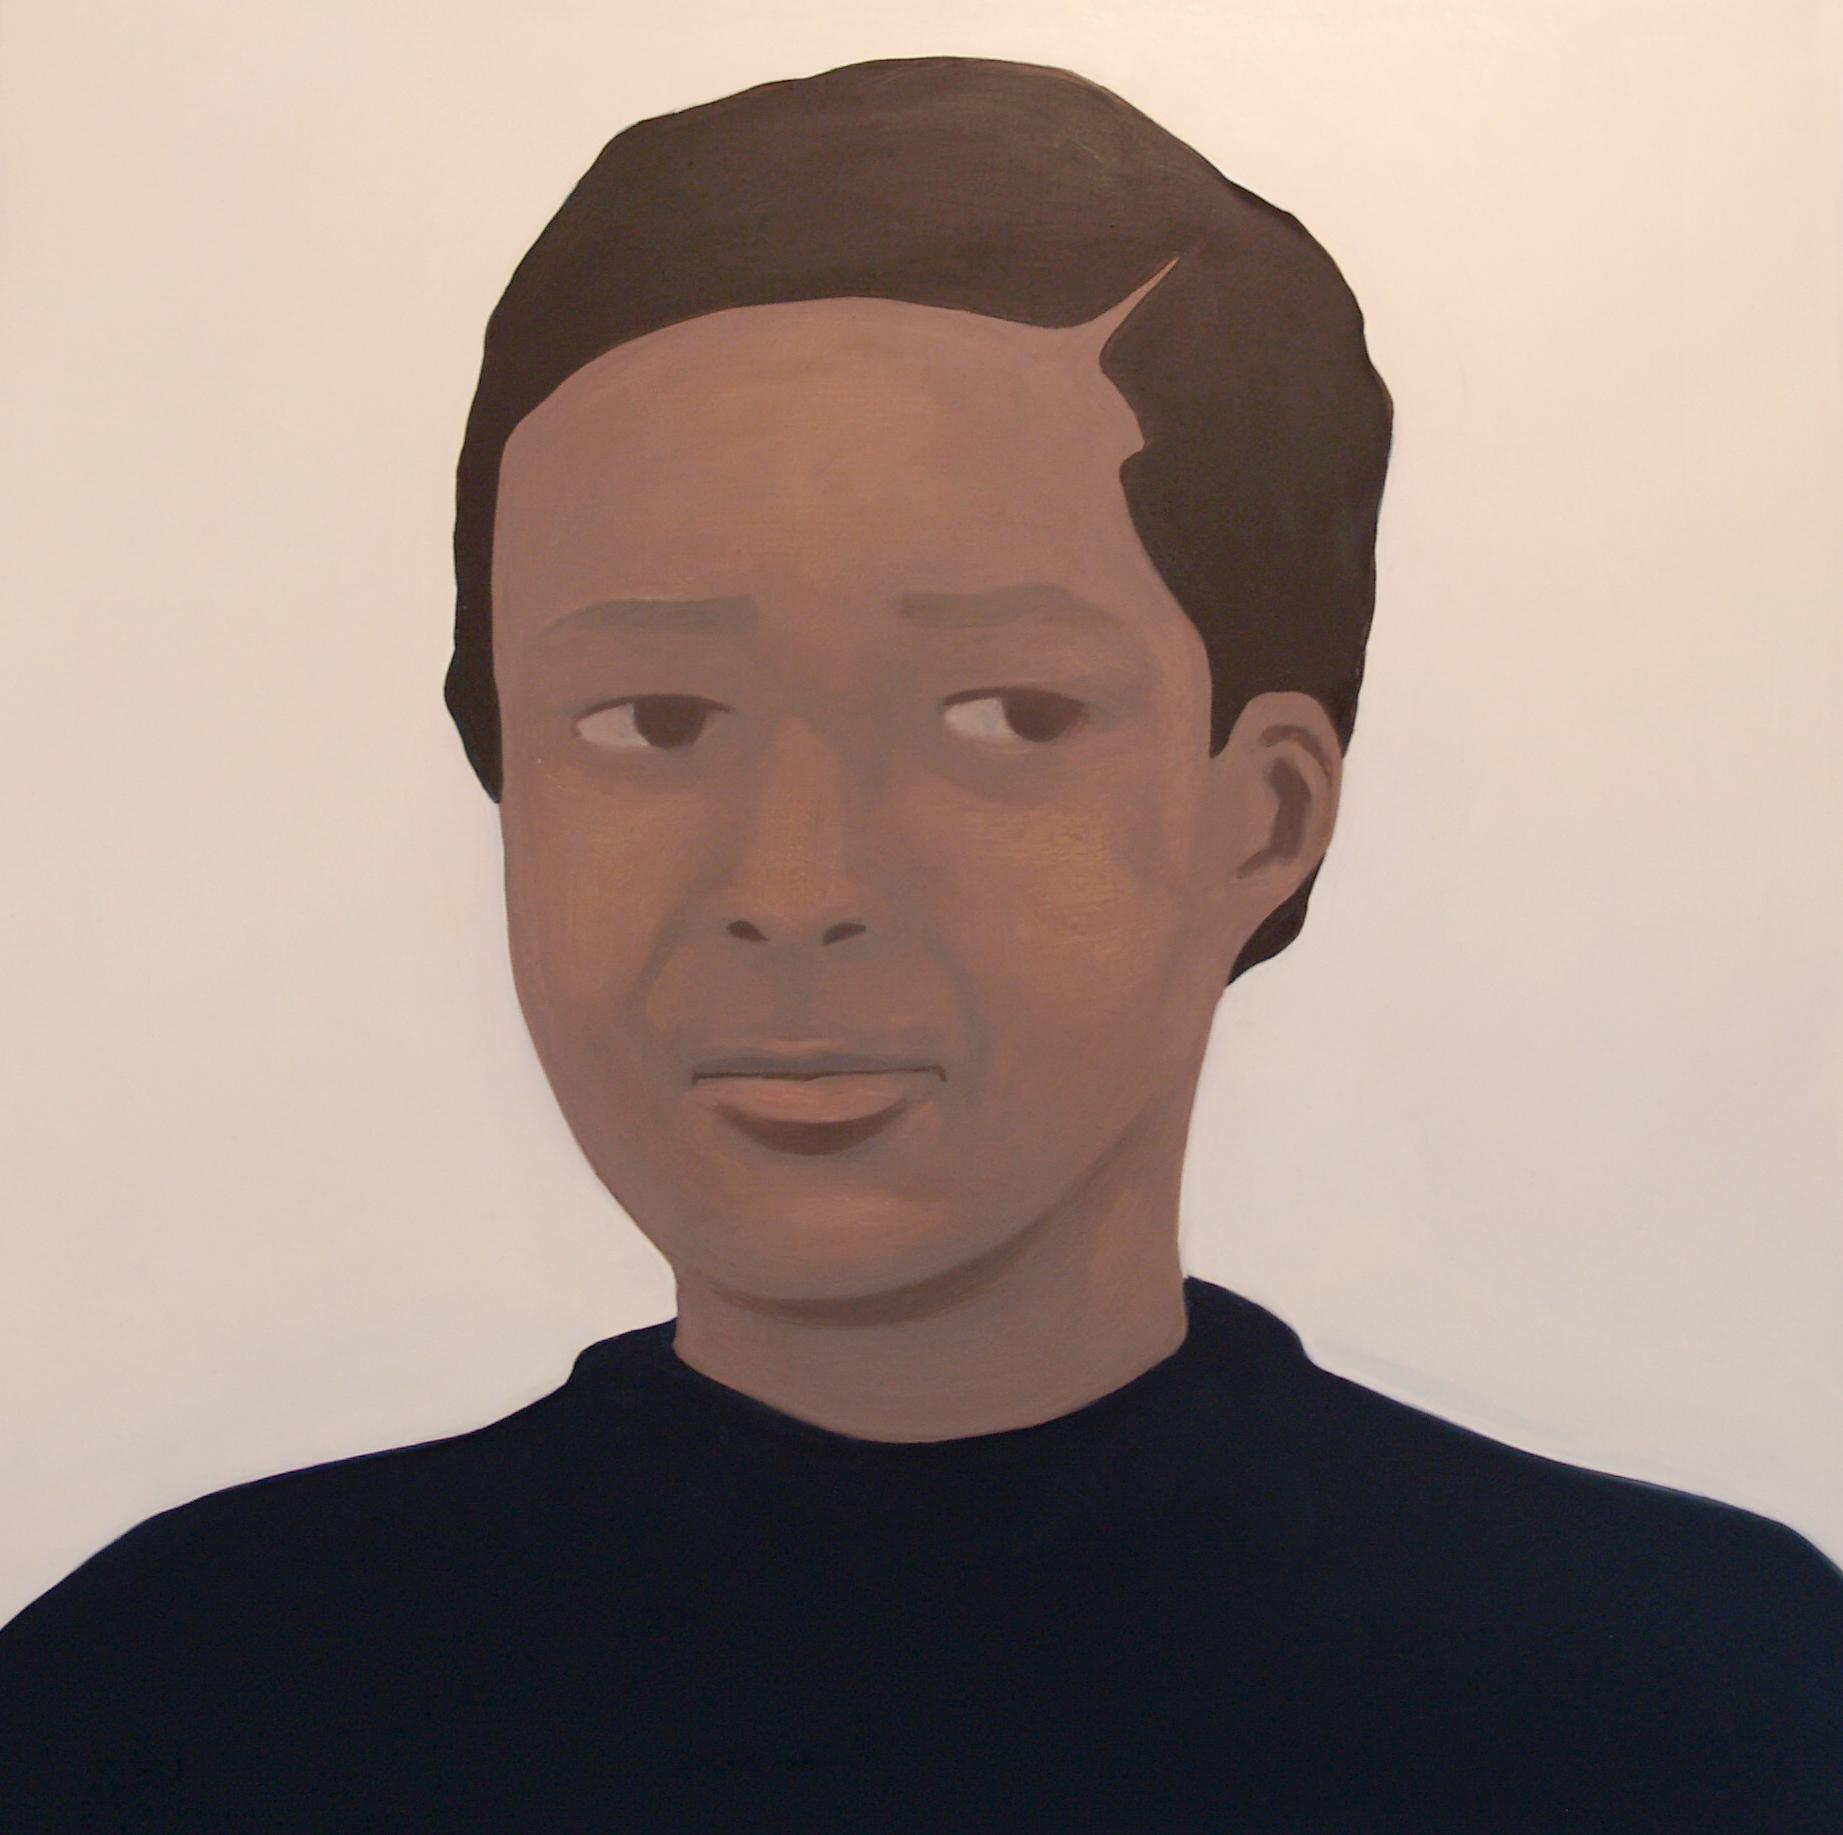 Head,  Oil on canvas, 50 x 50 cm, 2013